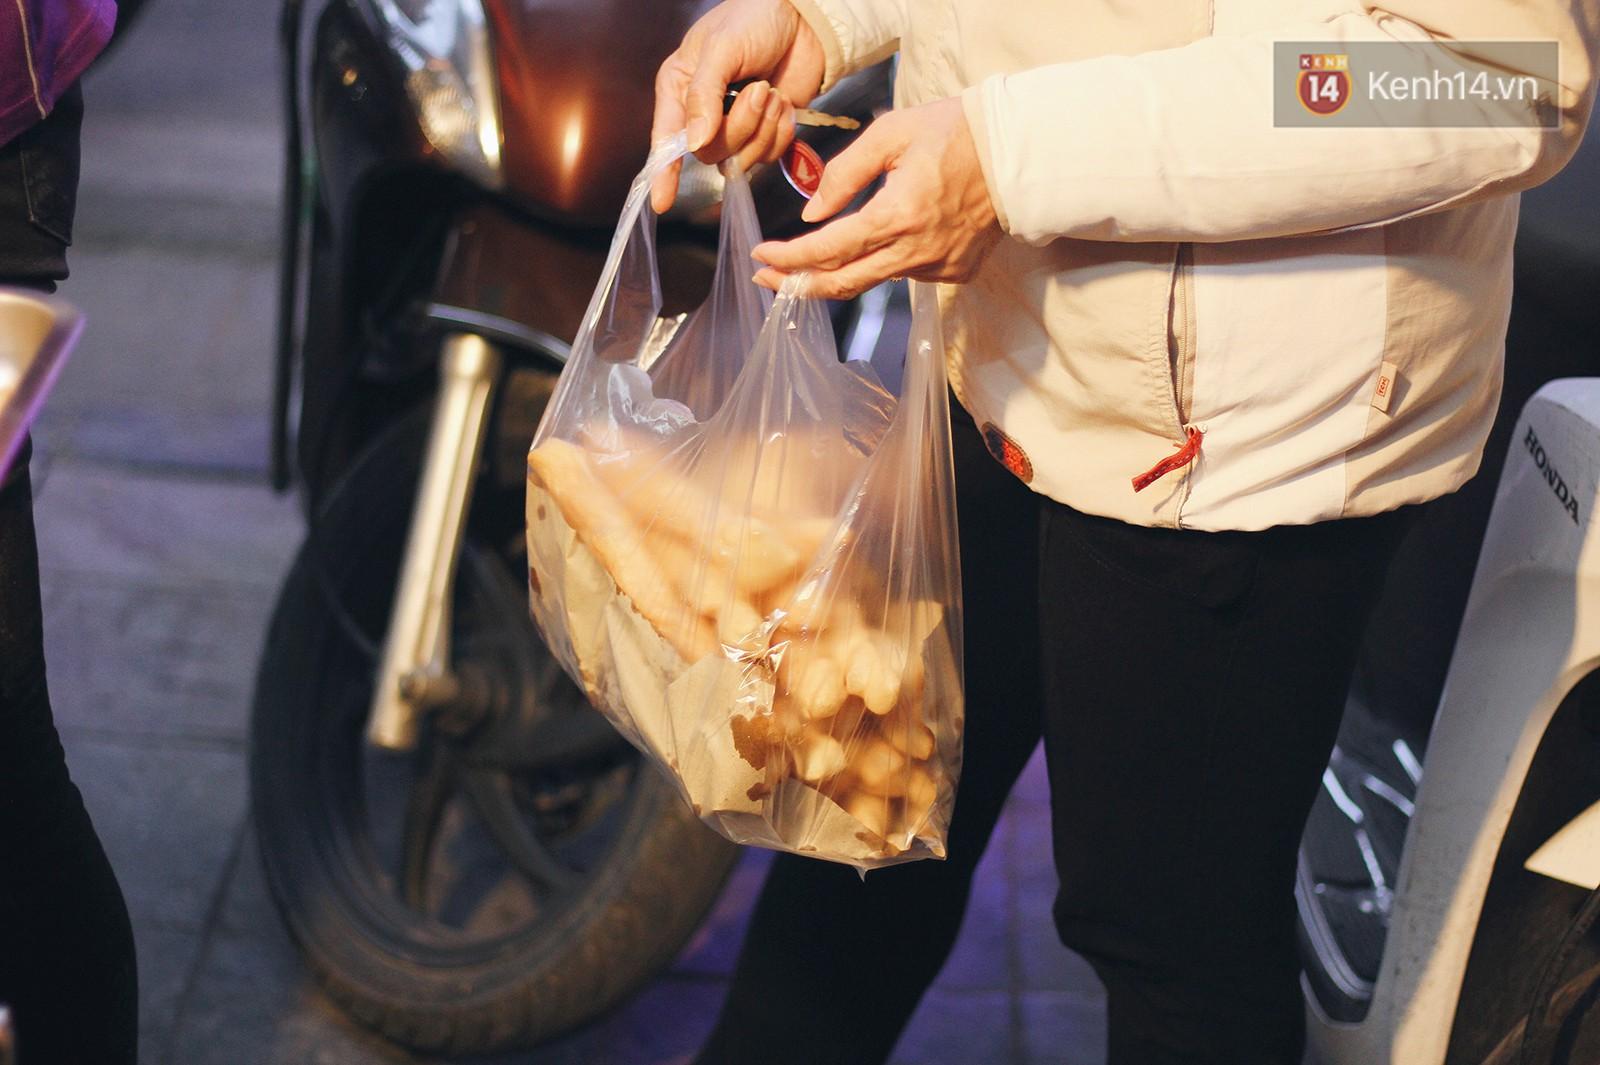 Món ăn sáng xuất hiện liên tục trong bộ phim Gửi thời thanh xuân ấm áp hoá ra cũng rất quen thuộc ở Việt Nam - Ảnh 6.